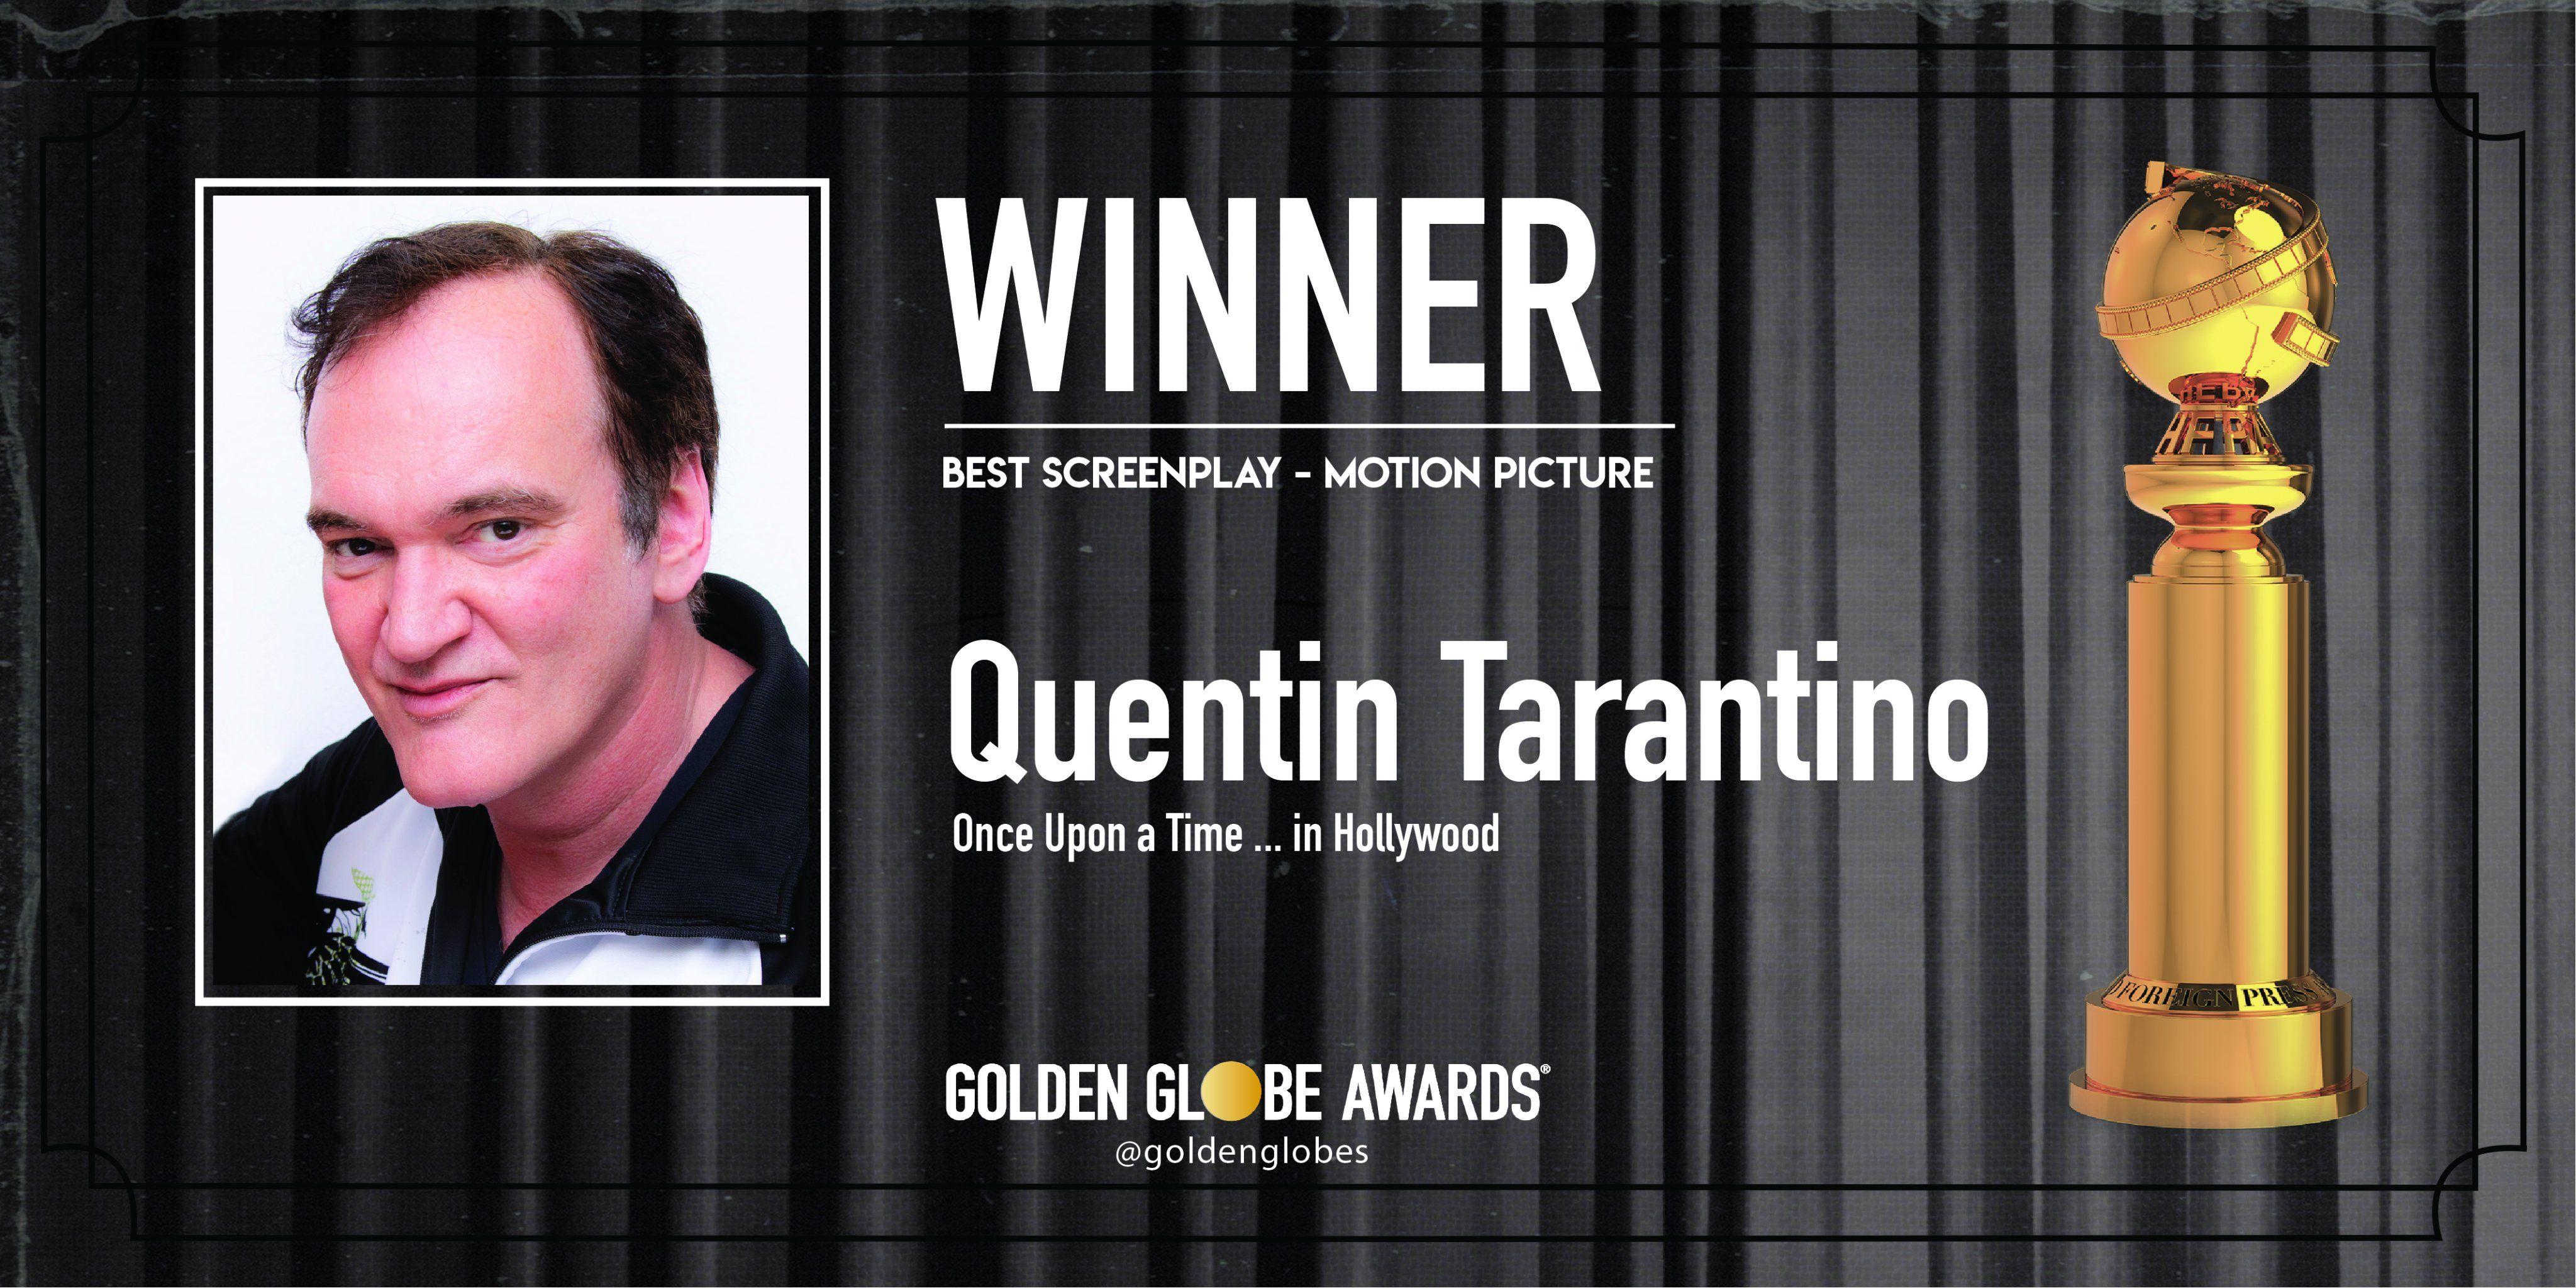 Quentin Tarantino Migliore Sceneggiatura